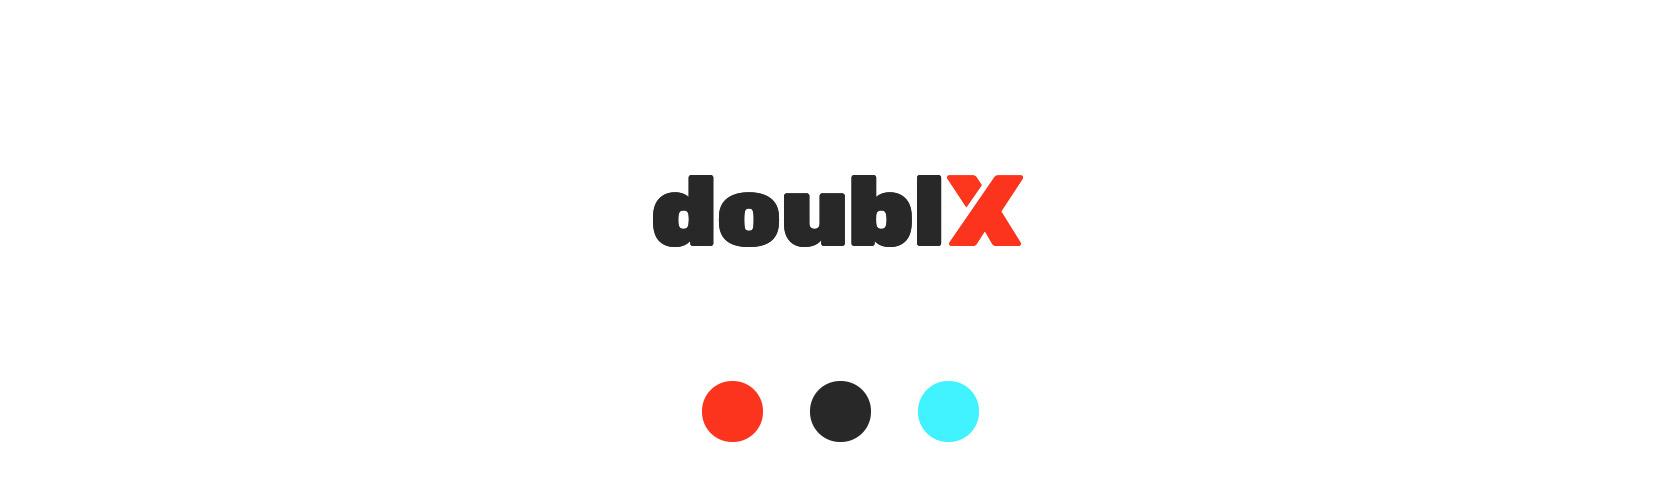 Doublx